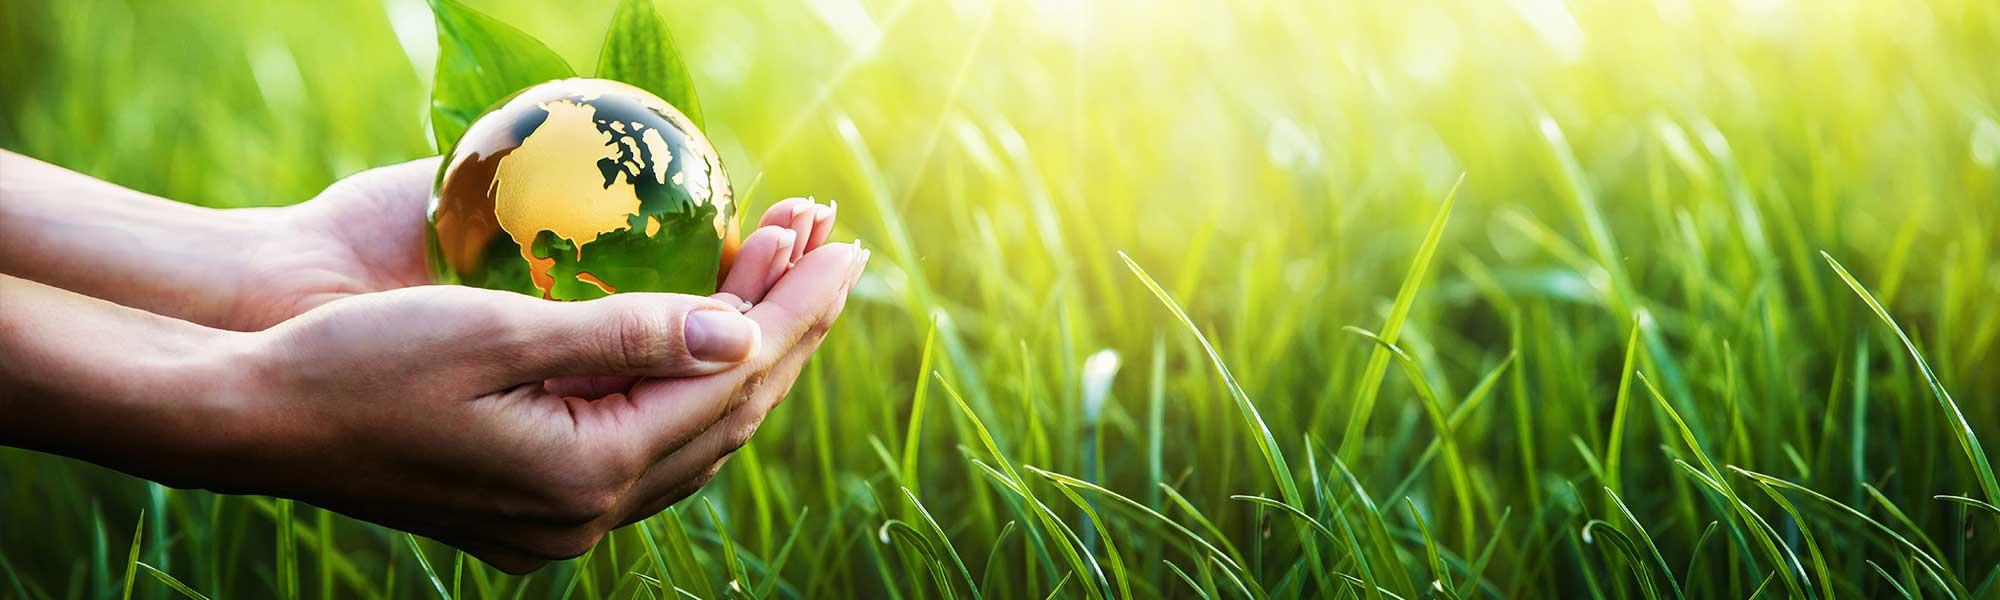 Grass, hand and globe